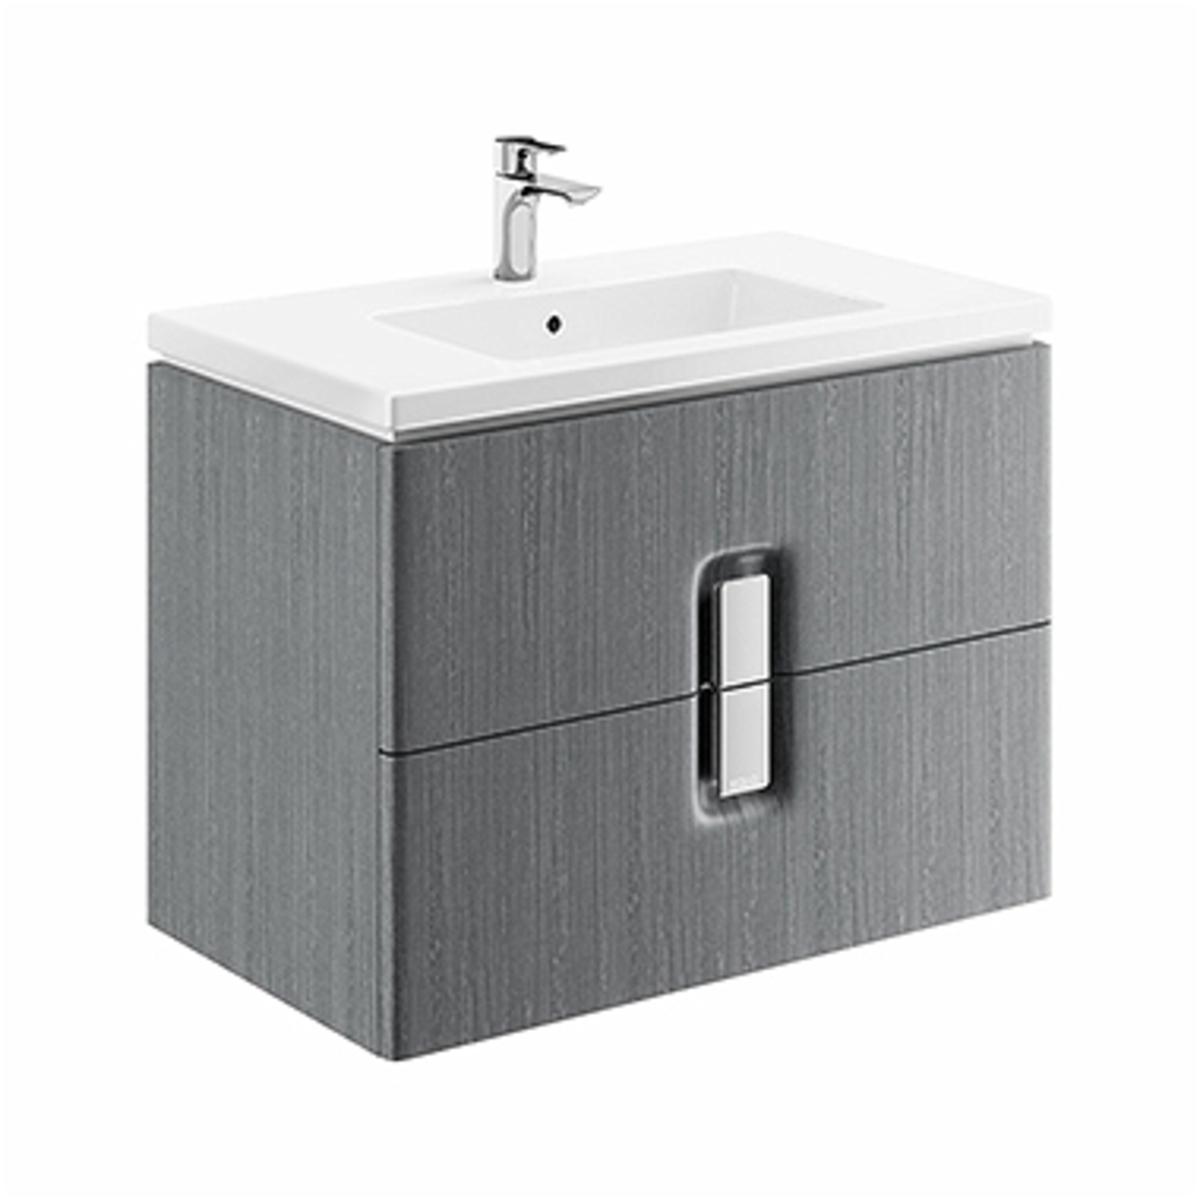 Kúpeľňová skrinka pod umývadlo KOLO Twins 80x57x46 cm strieborný grafit 89554000